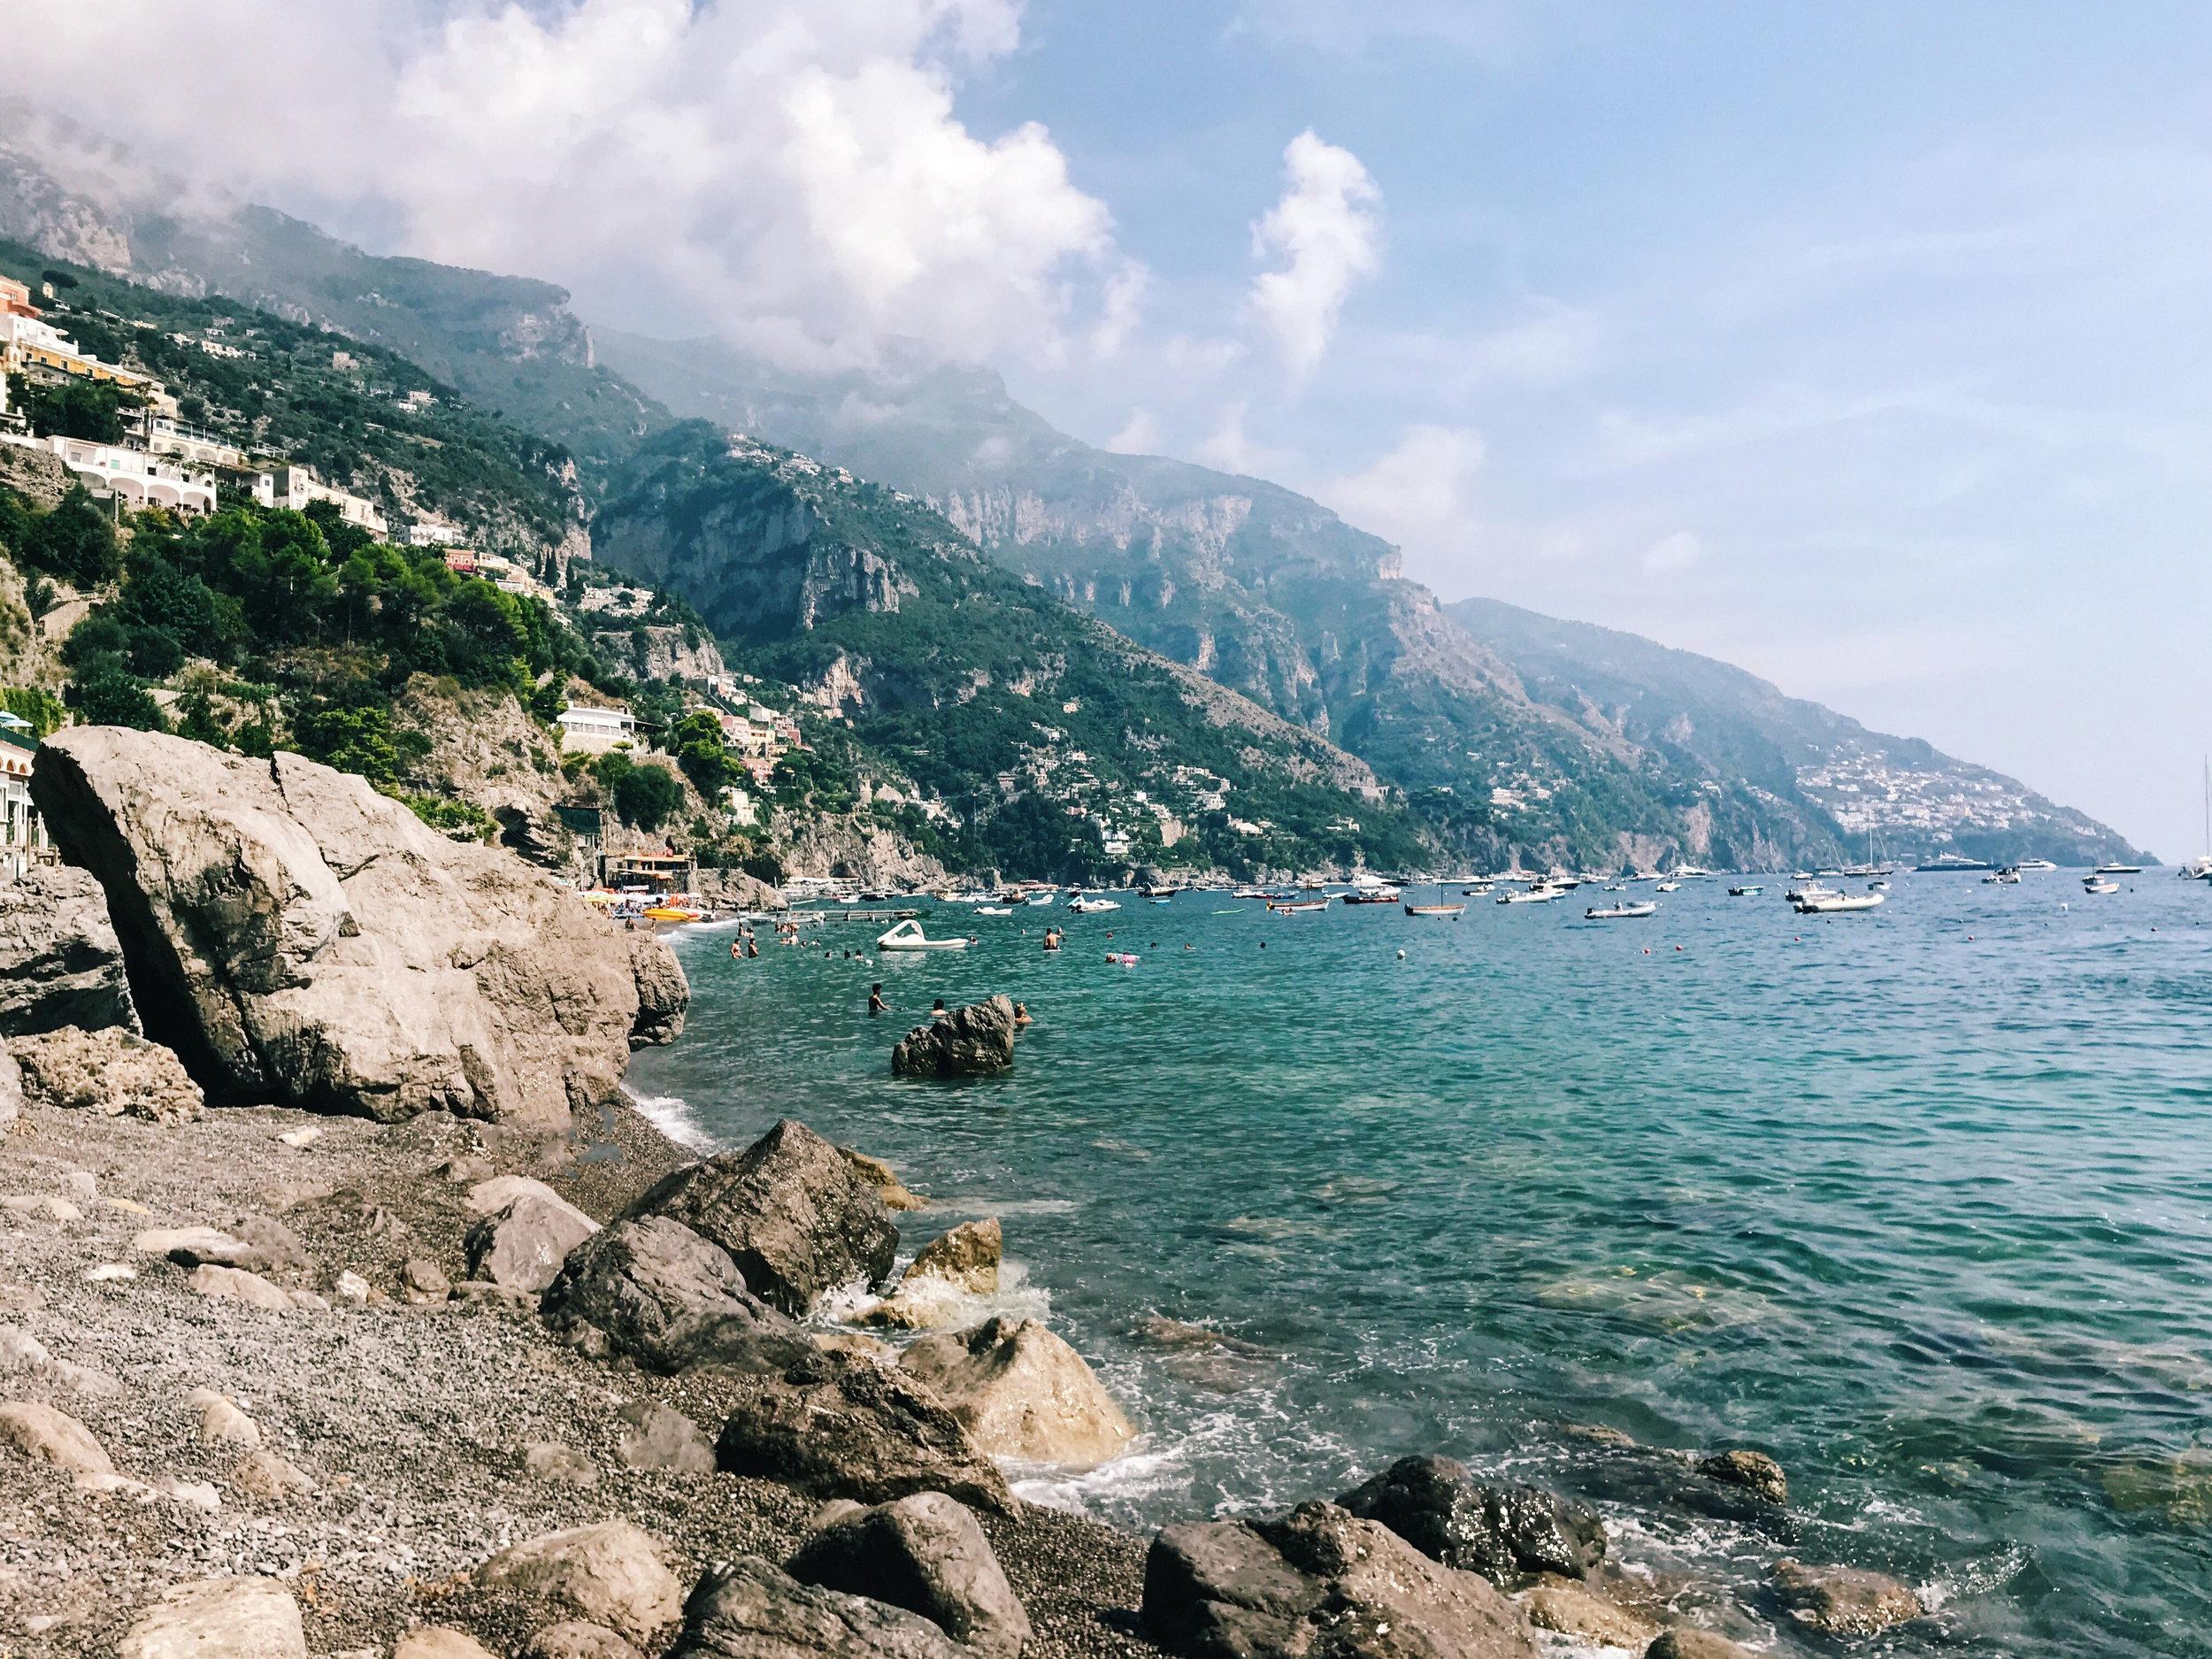 Italy-Positano-Rome-Amalfi-Coast-Lena-Mirisola-64.JPG